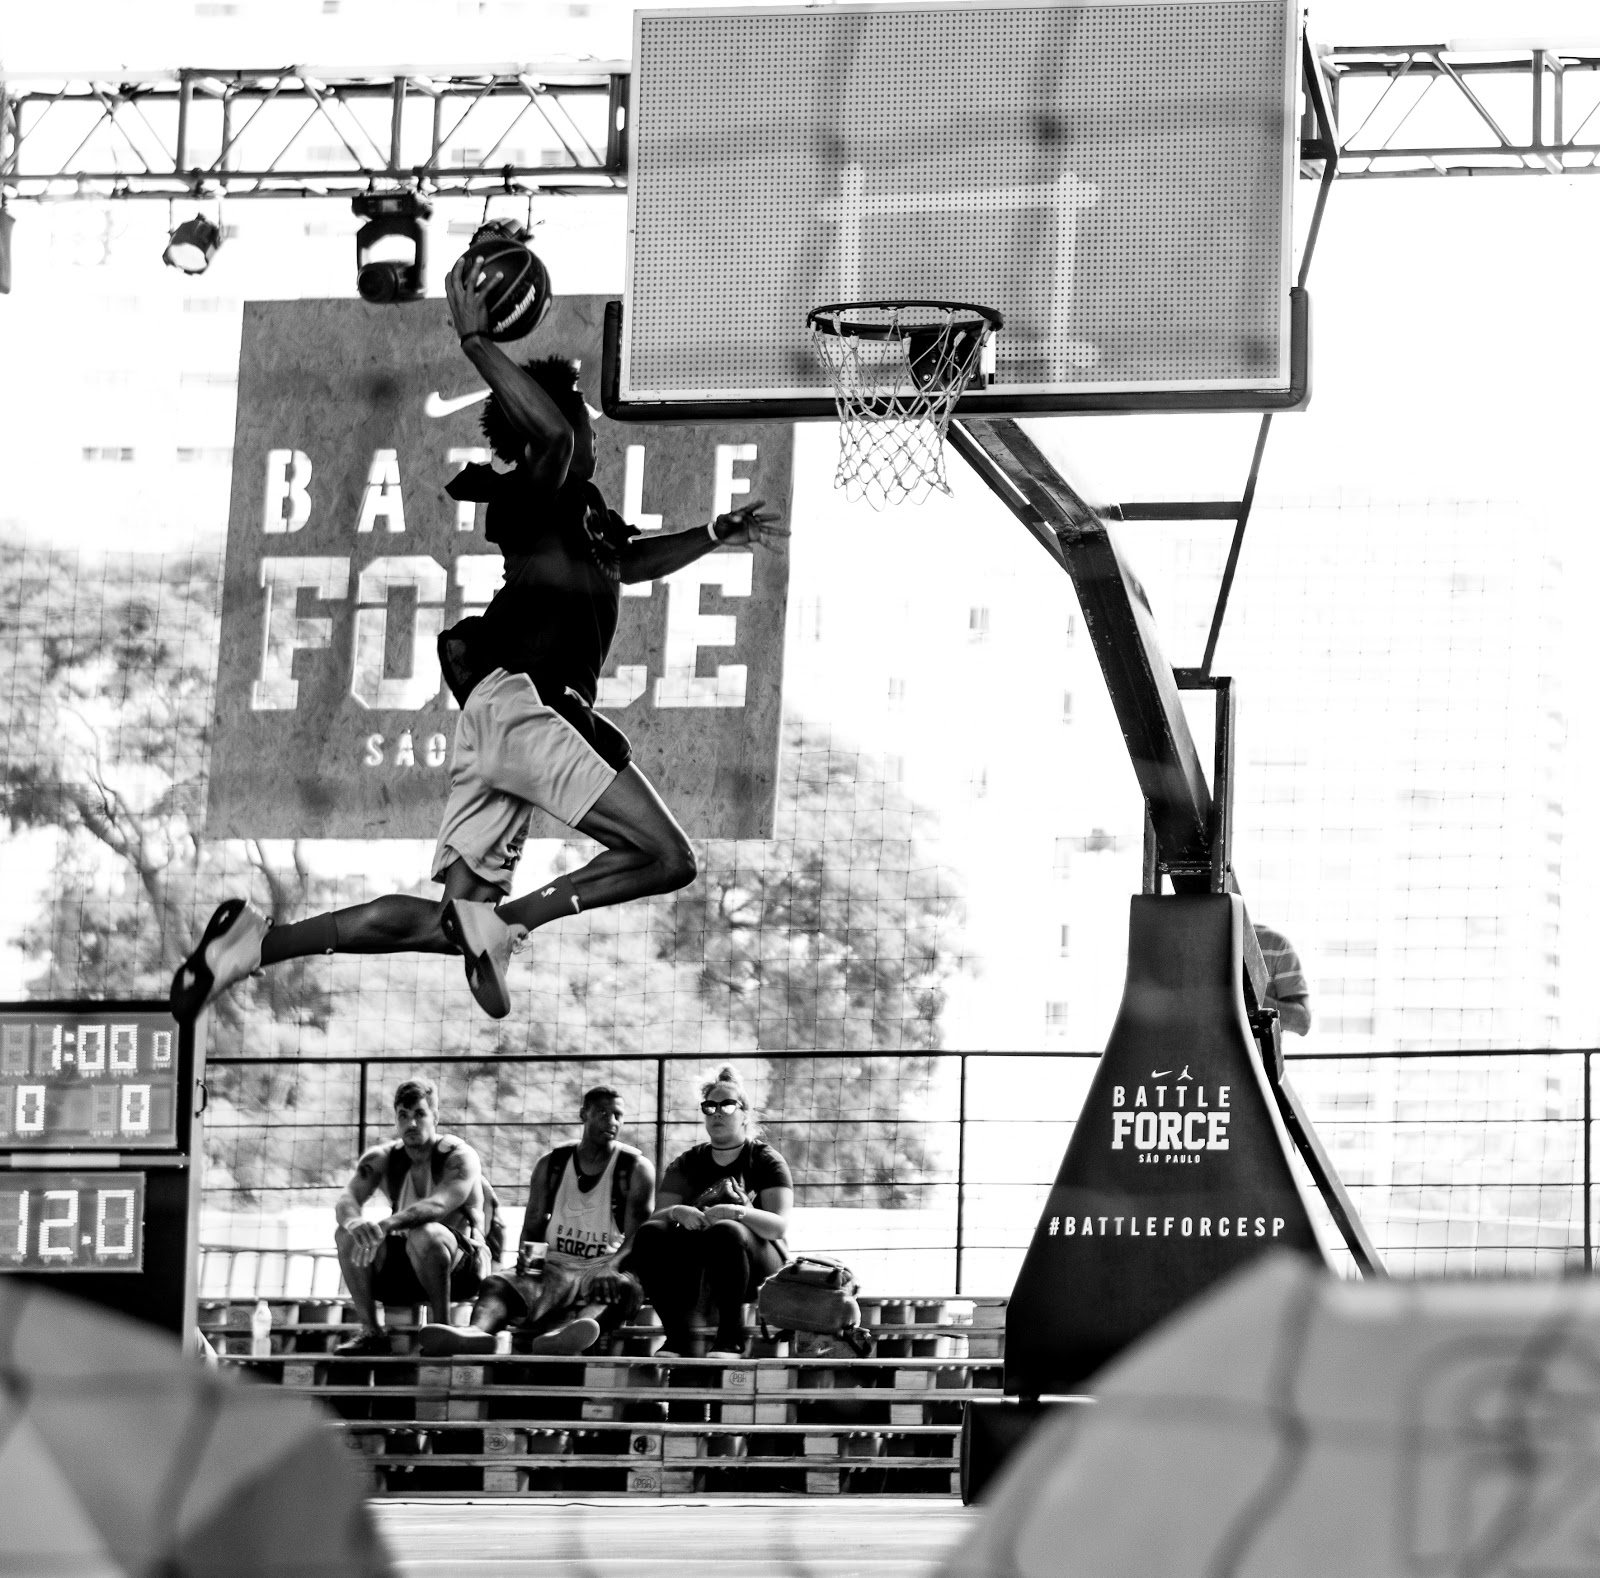 Pria sedang melakukan dunk di kompetisi basket